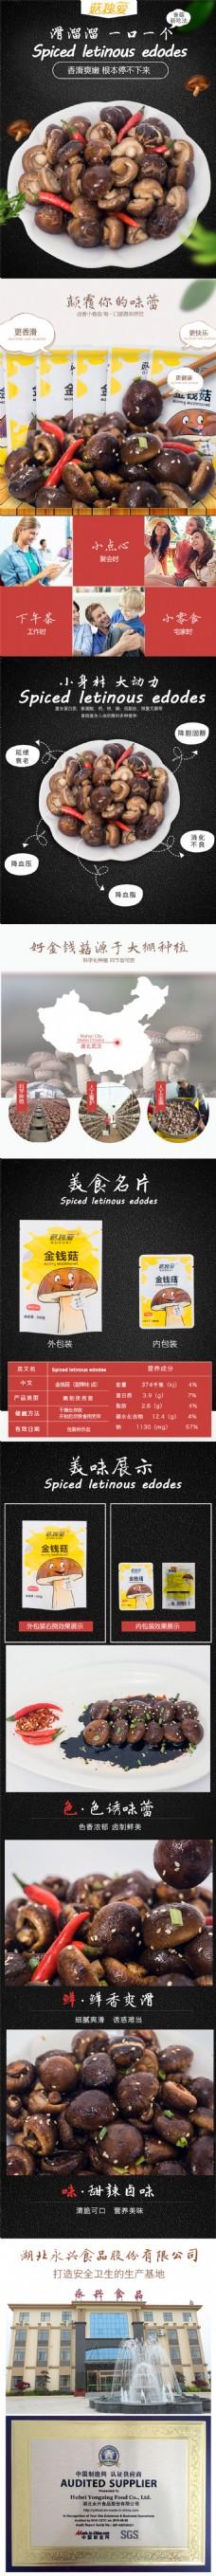 香菇详情页淘宝电商食品美食